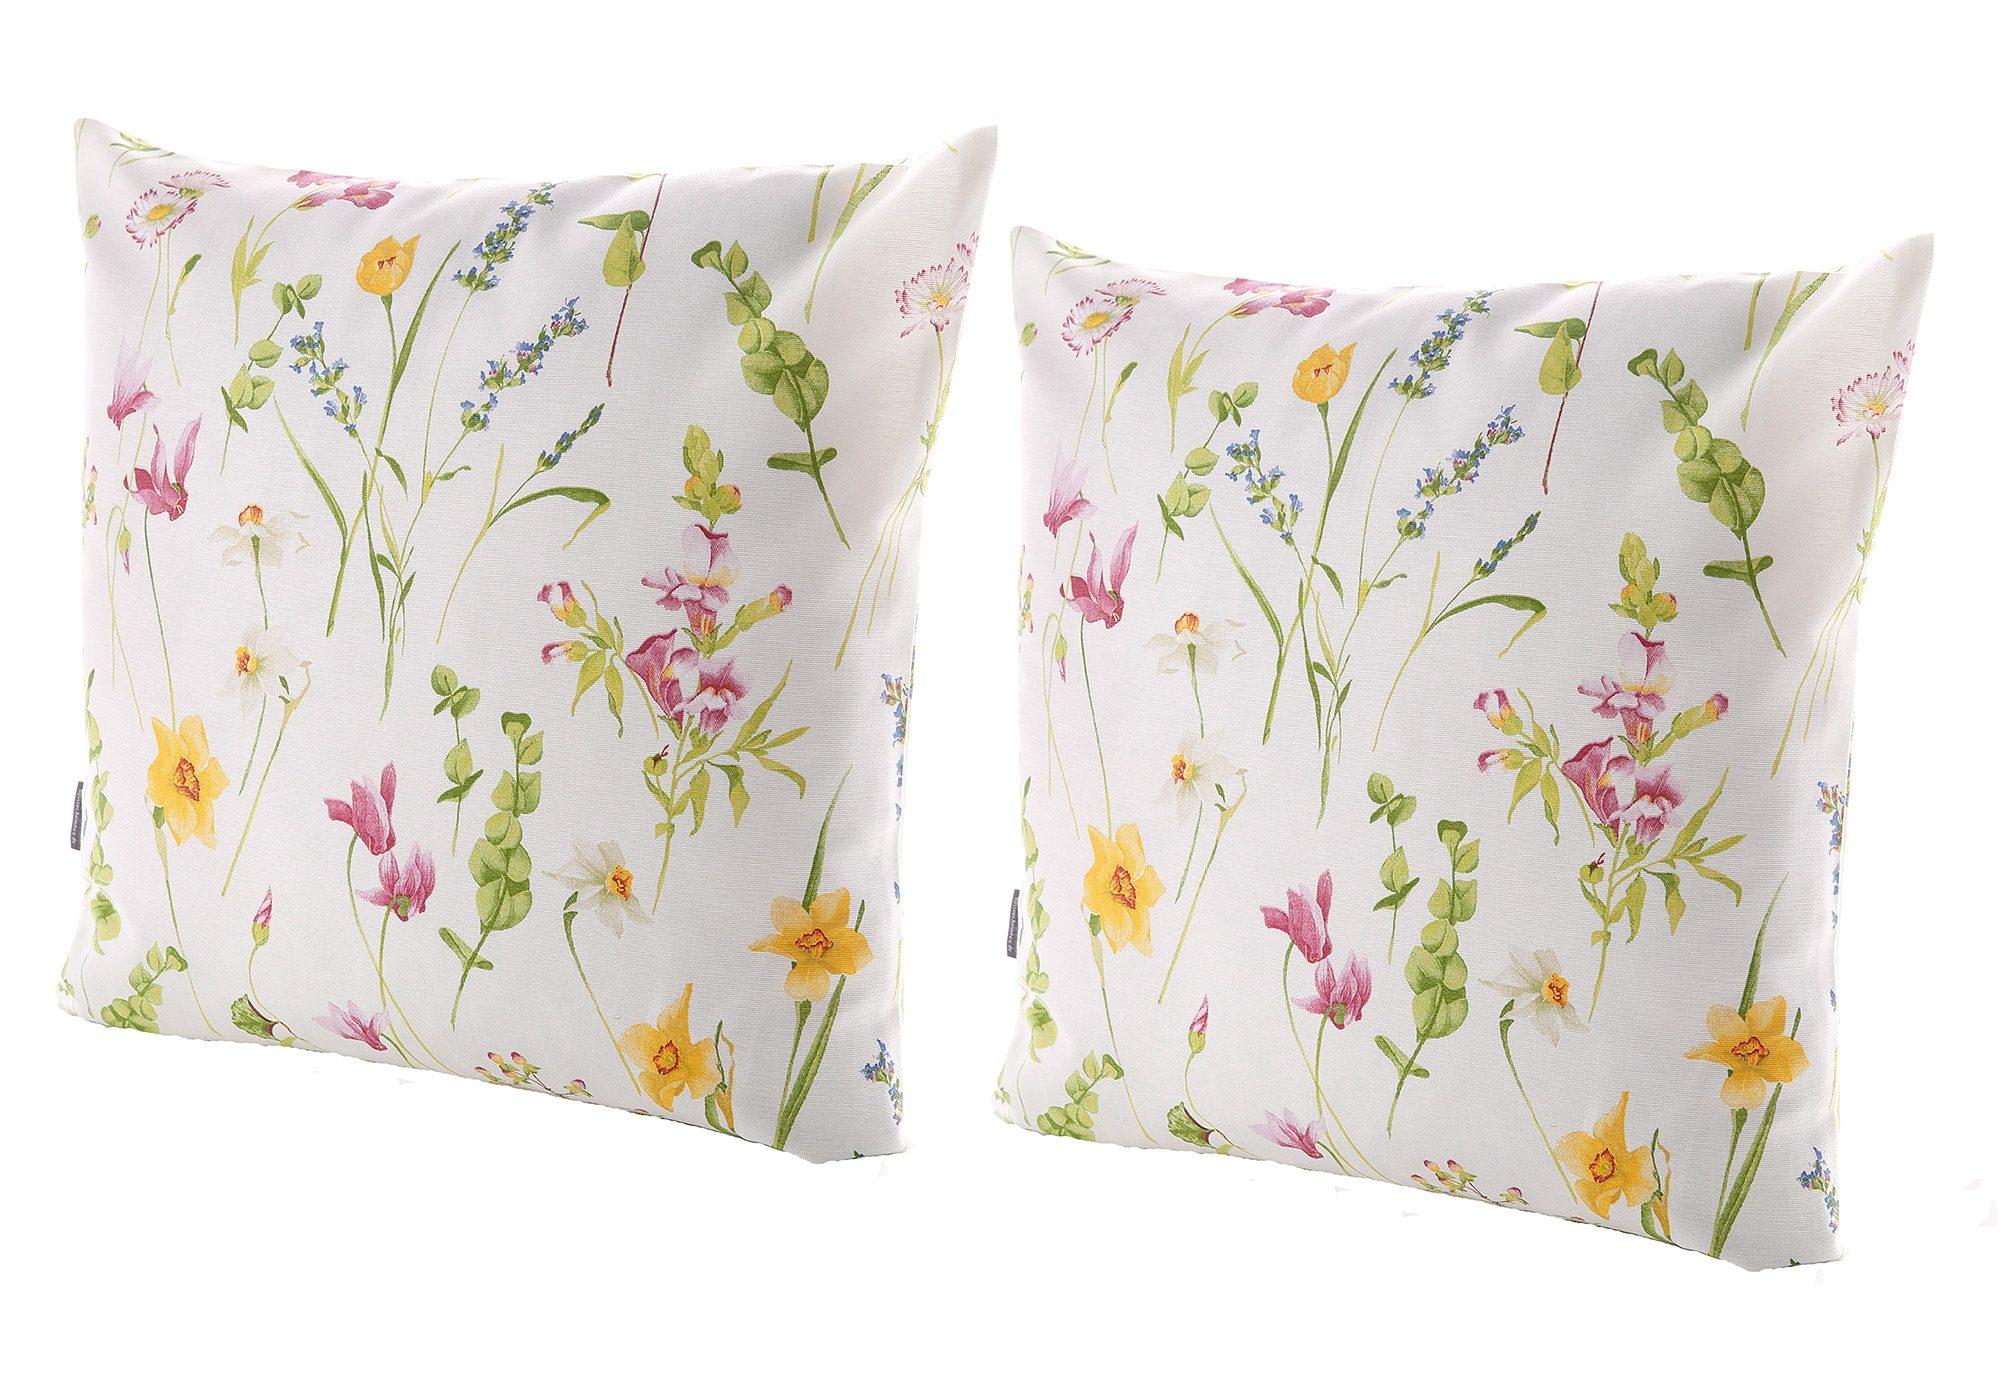 Sofa Kissenhüllen 50x50 : kissenh llen 31366 fr hlingsblumen hossner homecollection bestellen baur ~ Yuntae.com Dekorationen Ideen